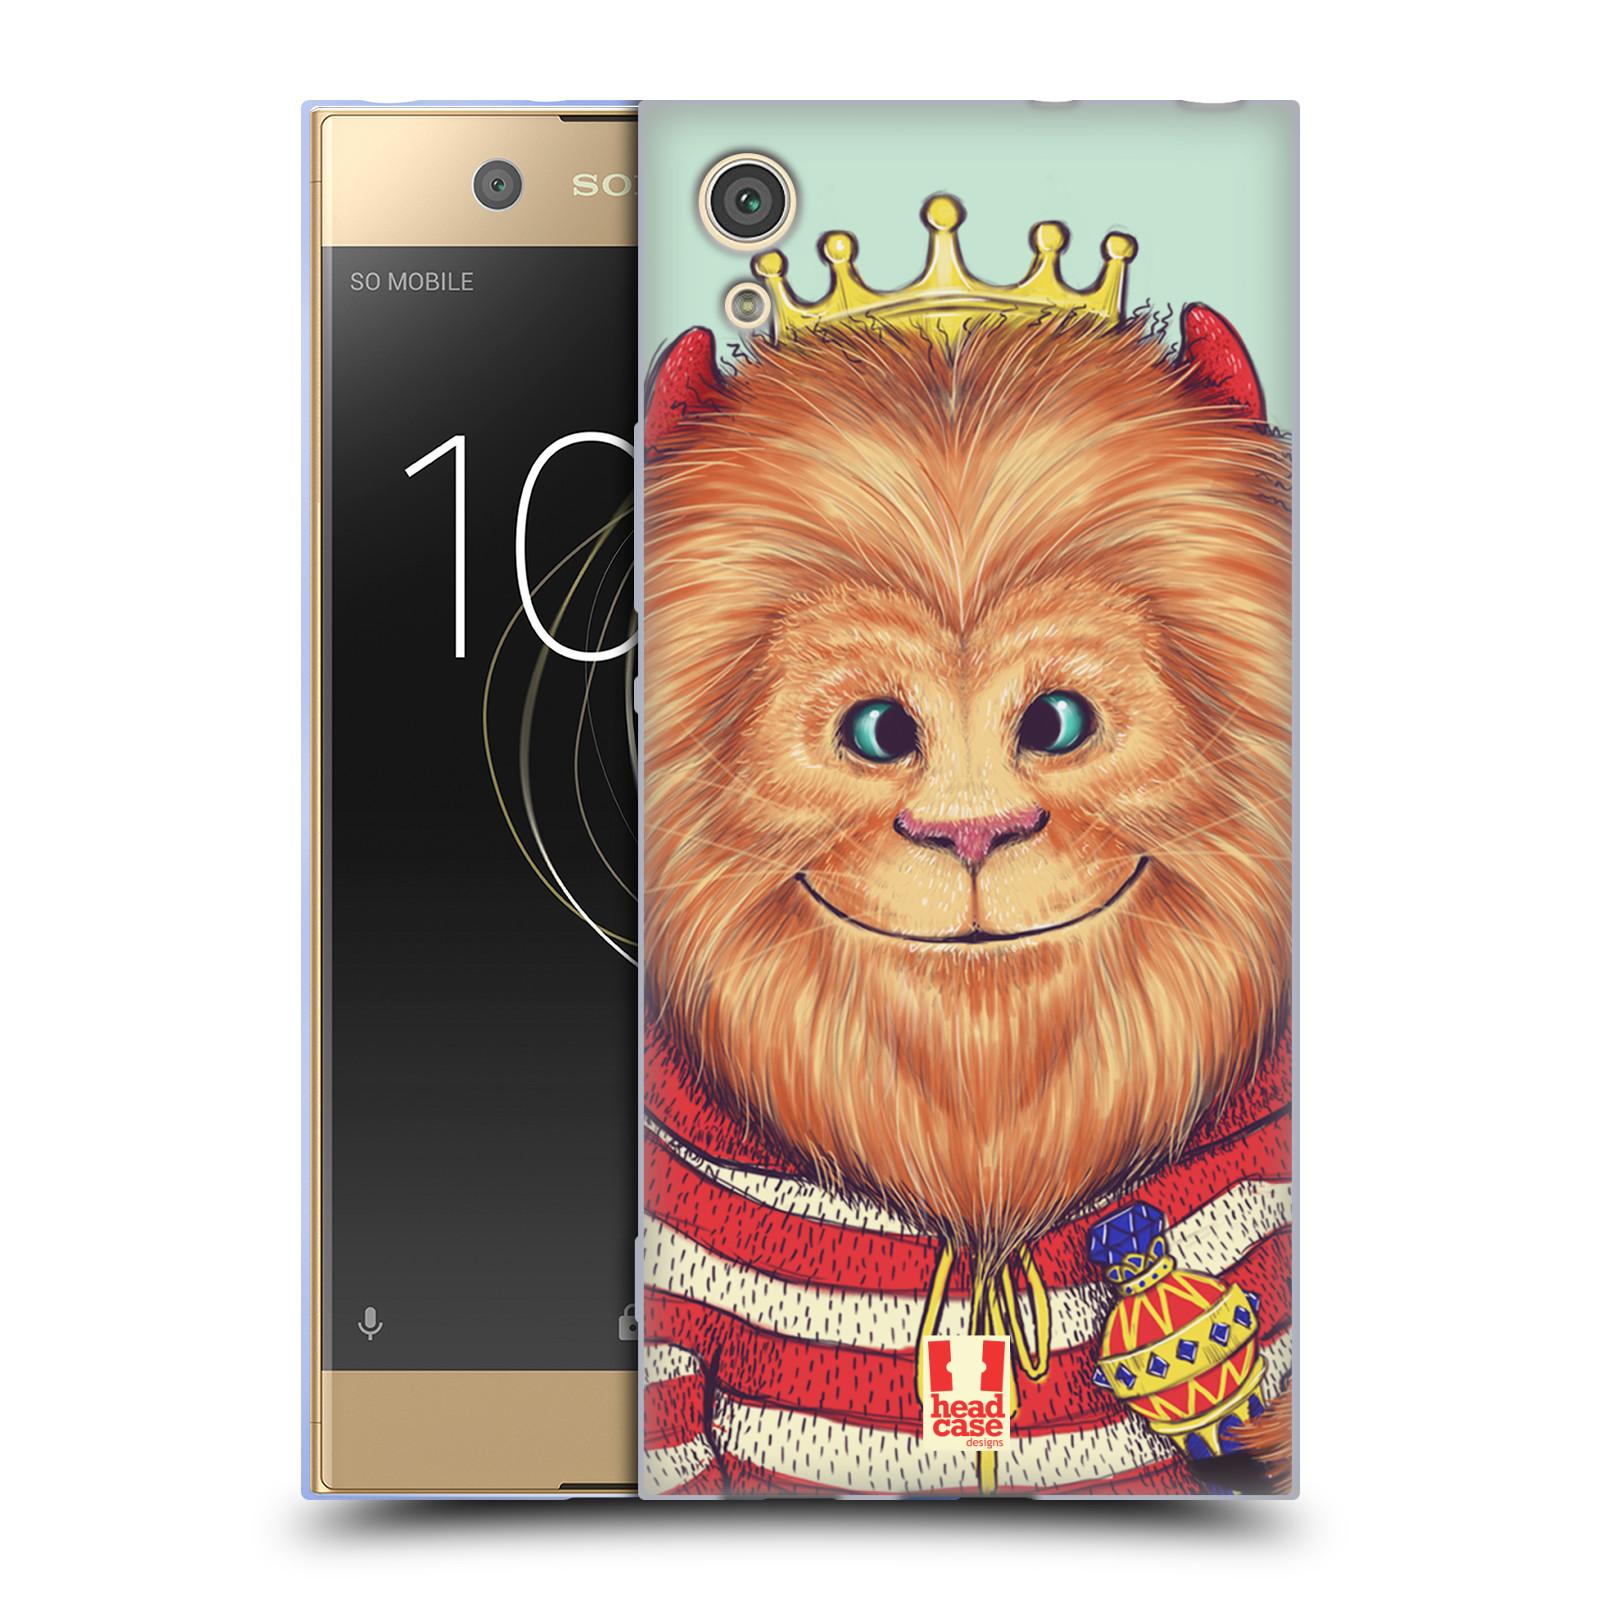 HEAD CASE silikonový obal na mobil Sony Xperia XA1 / XA1 DUAL SIM vzor Kreslená zvířátka lev